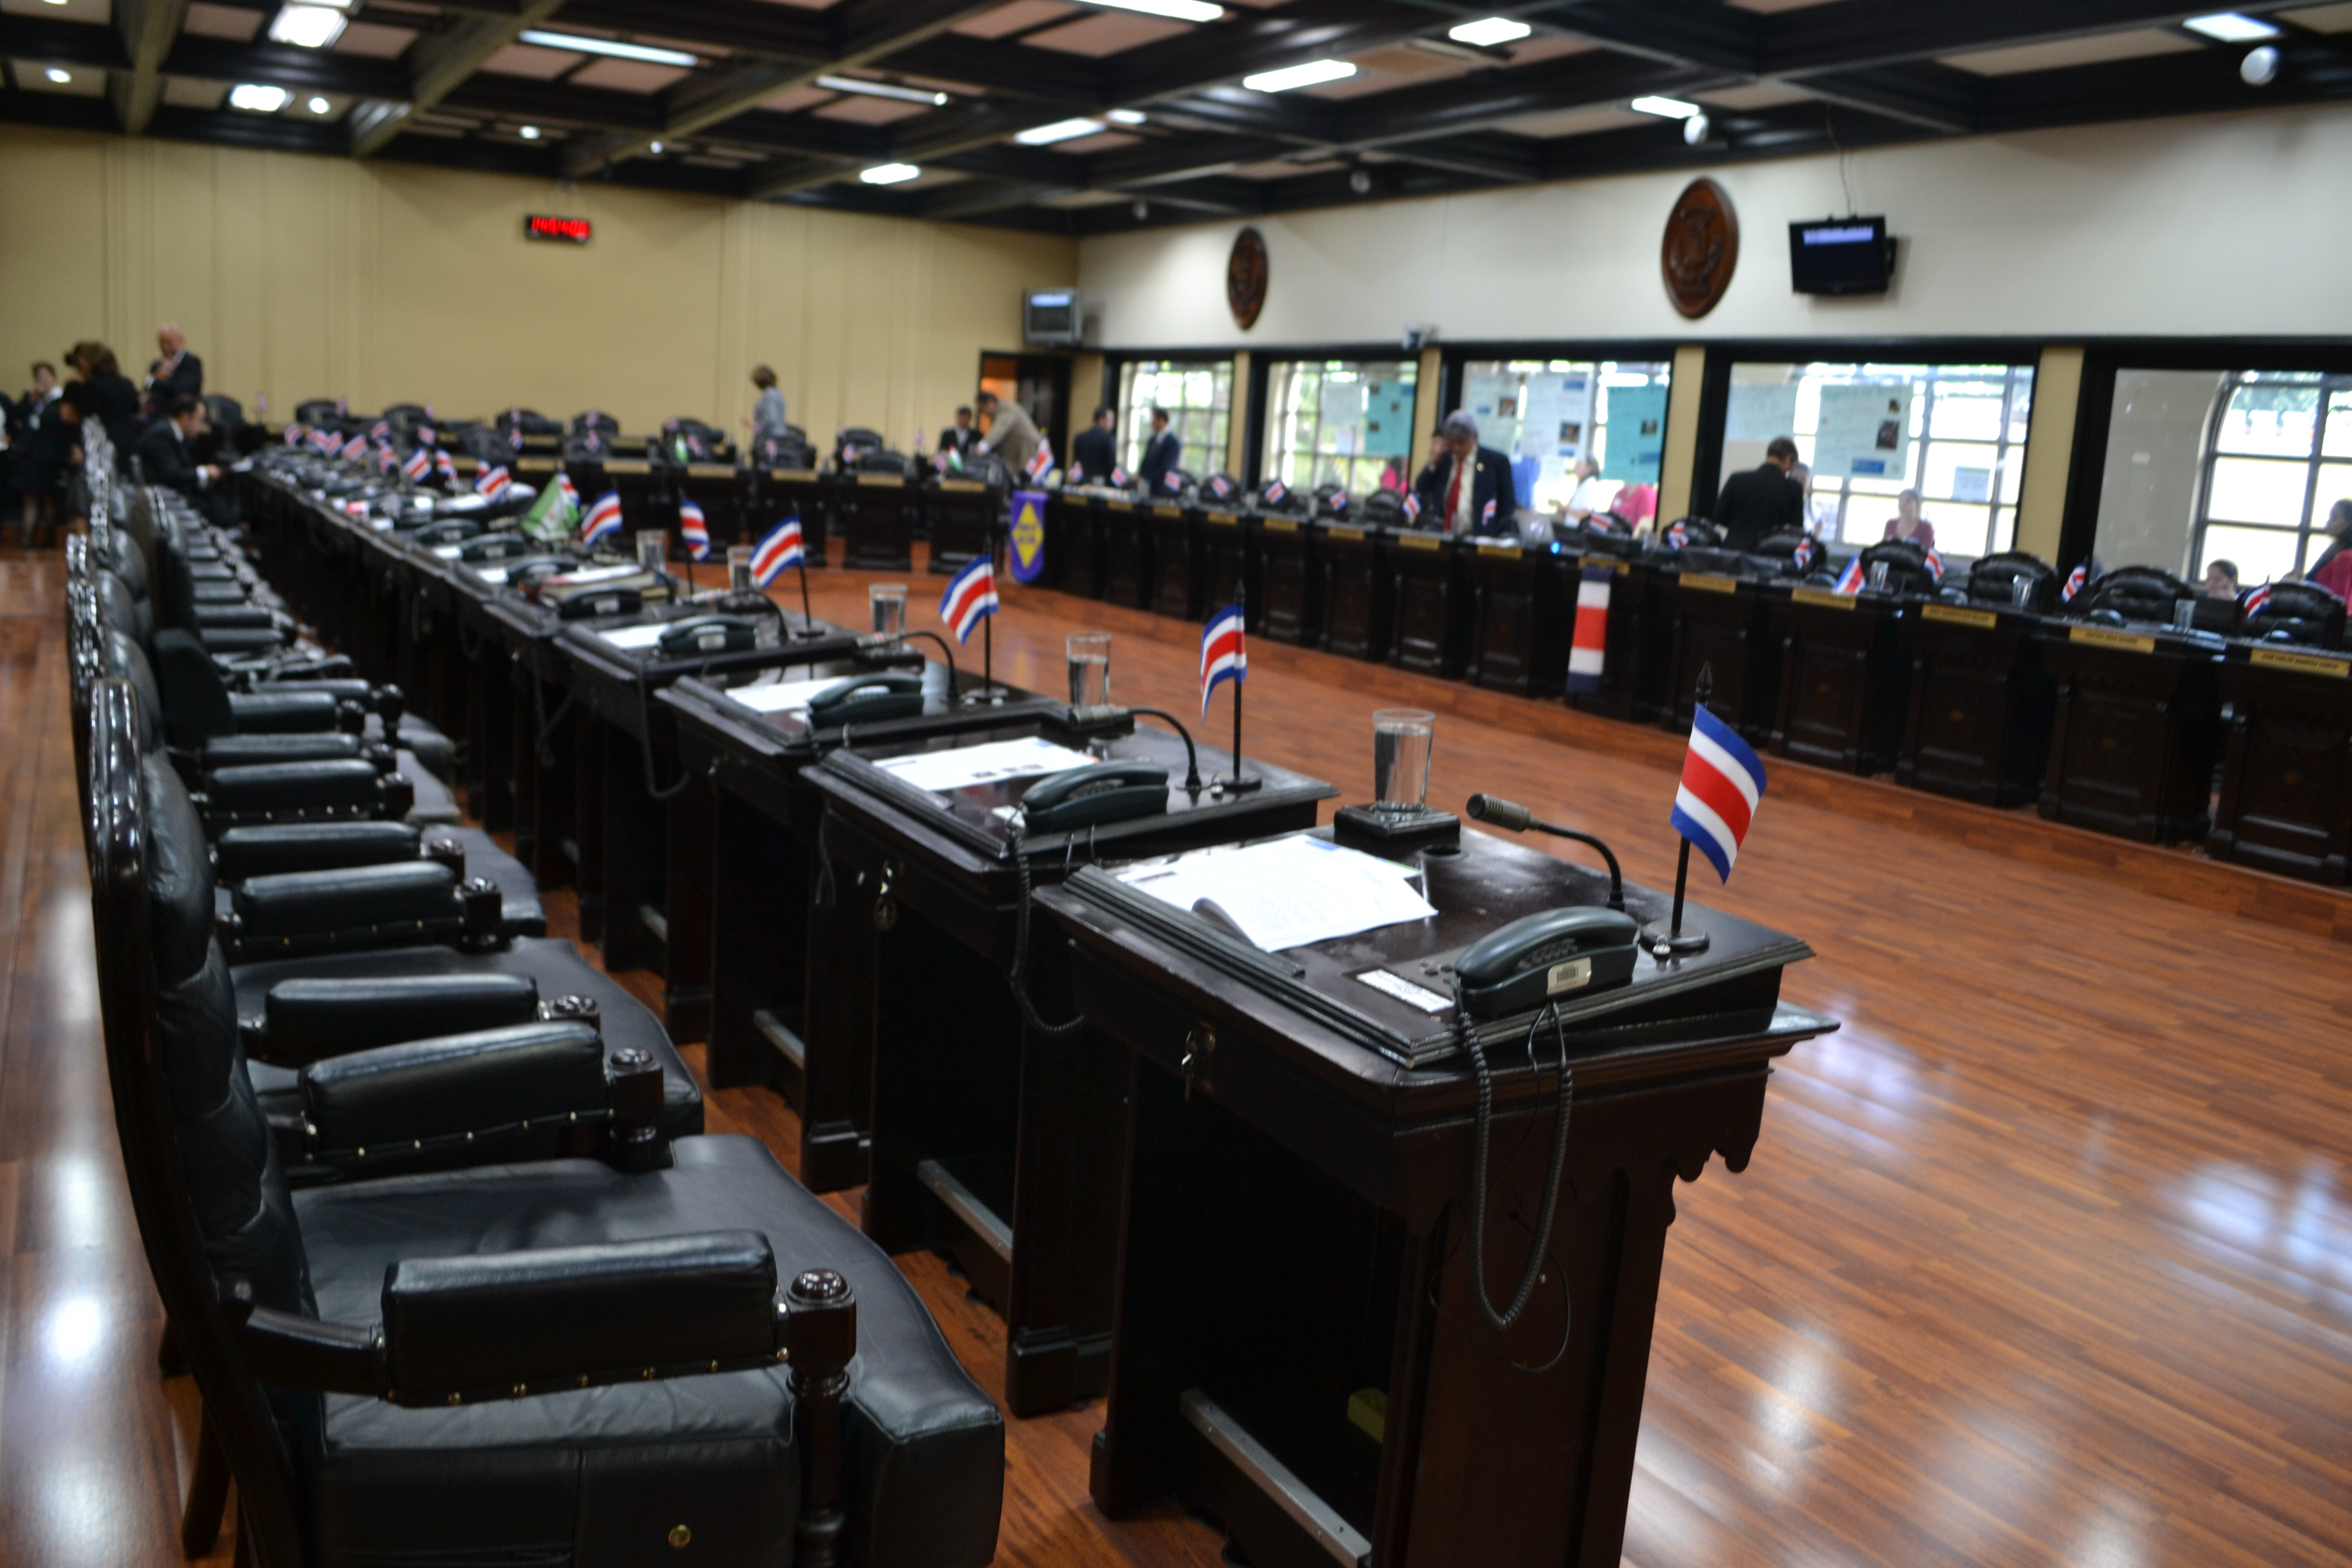 Poder Ejecutivo convoca 103 proyectos de ley a sesiones extraordinarias